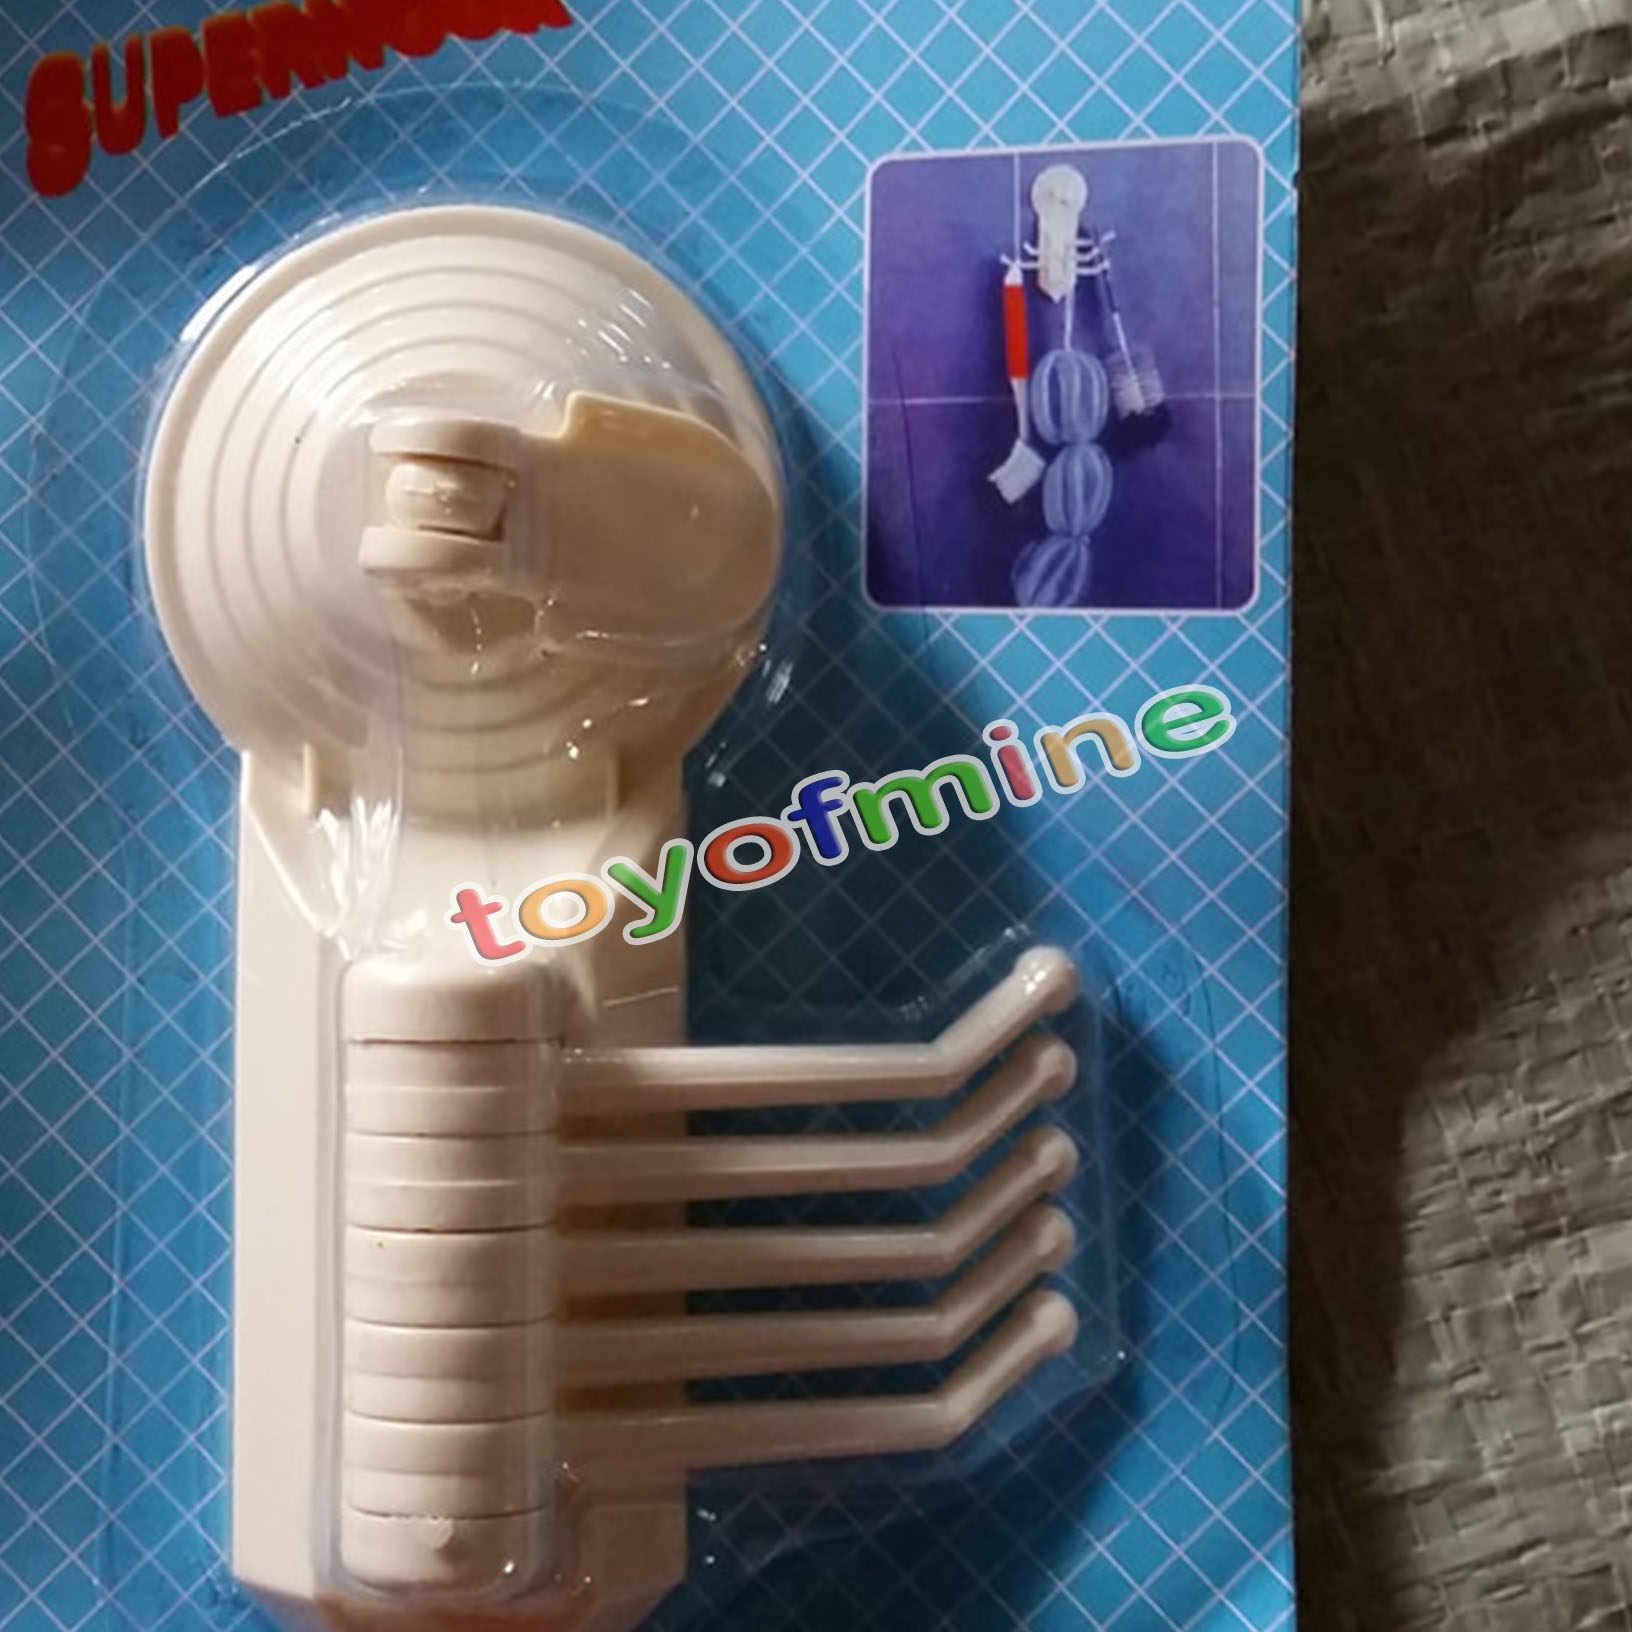 Japoński styl plastikowe wielofunkcyjne przyssawki typu 5 sztuk łazienka robe haki do kąpieli akcesoria ścienne Sucker cup uchwyt z hakiem